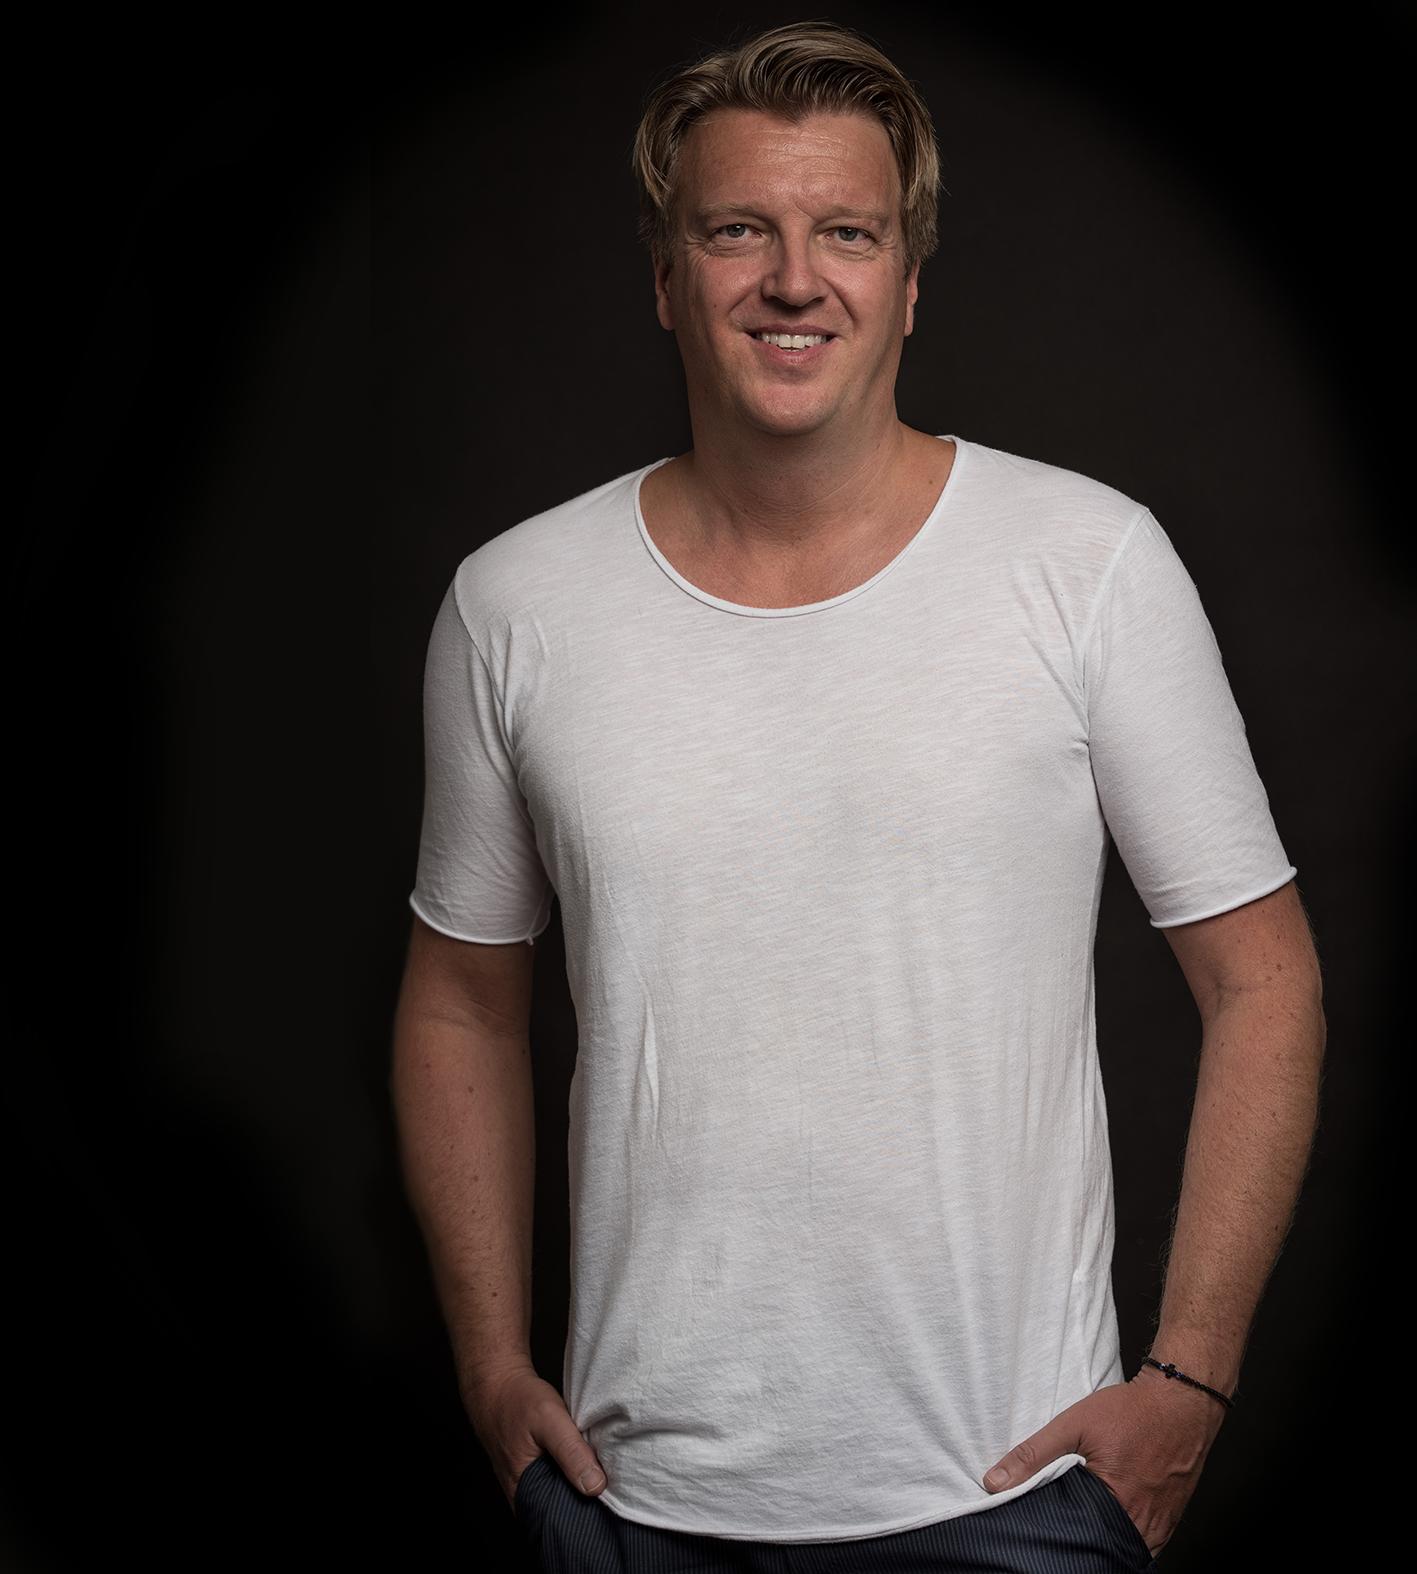 Niels Doerje - Founder & Chairman